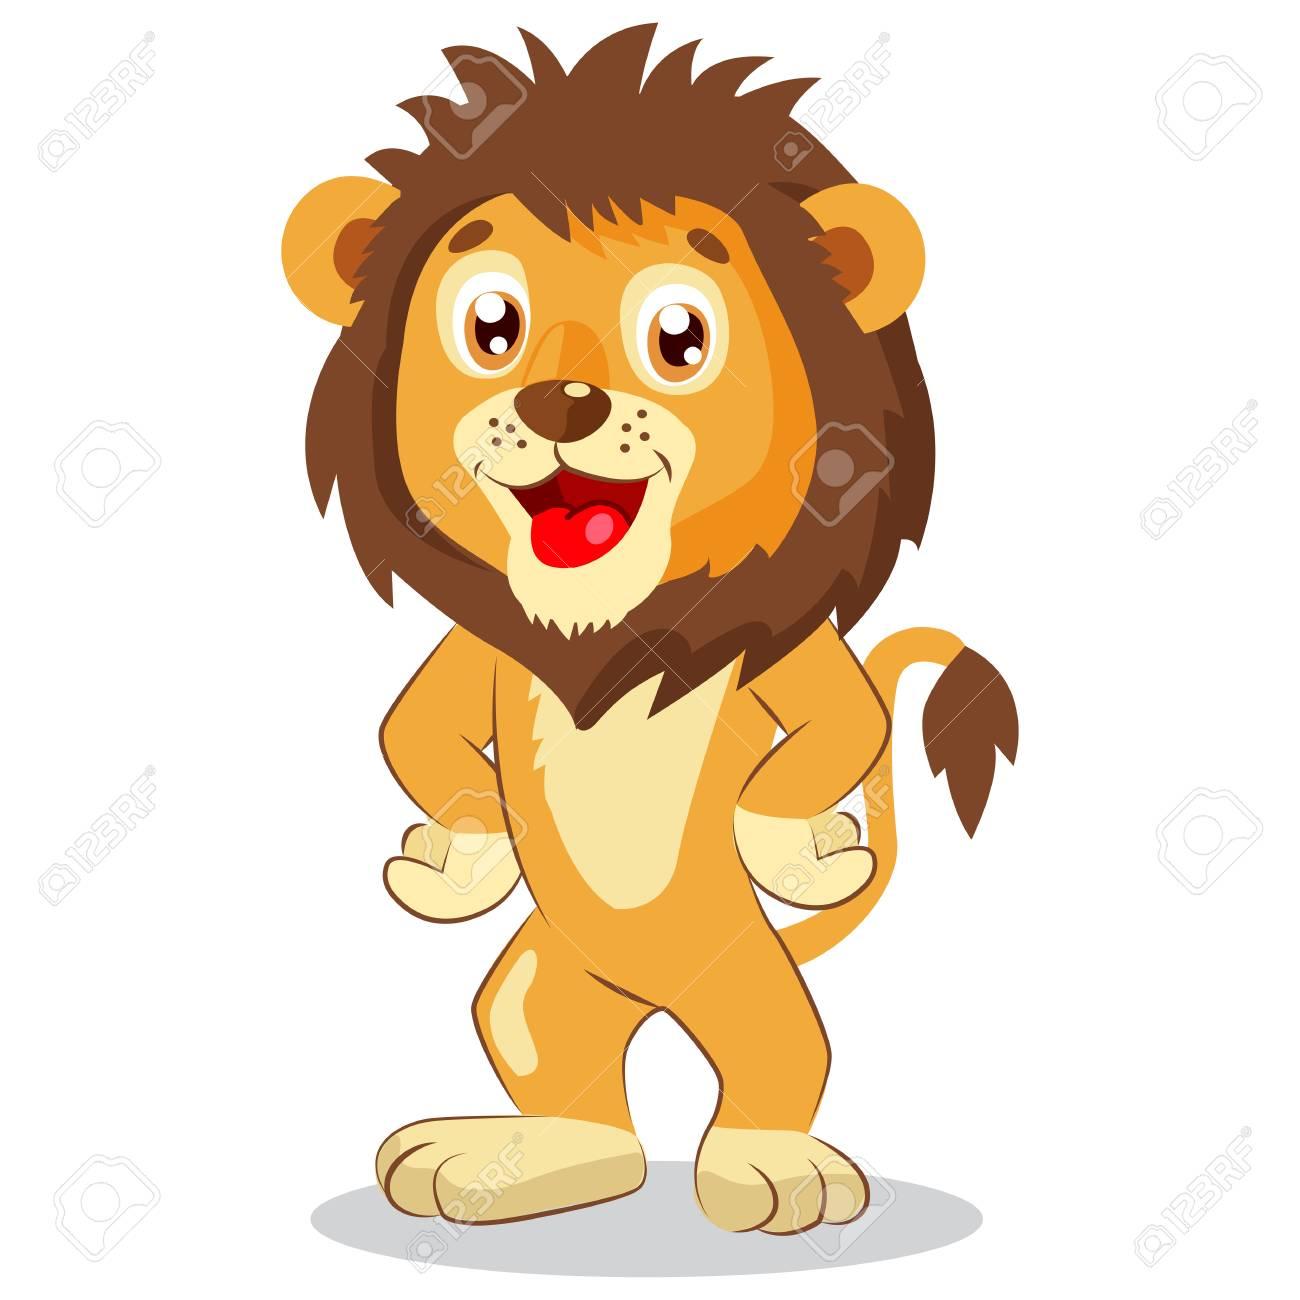 Léo Heureux Vecteur De Dessin Animé Lion Caractère Mignon Illustration Drôle D Enfants Lion Mascotte Drôle Animaux De La Jungle Mignon